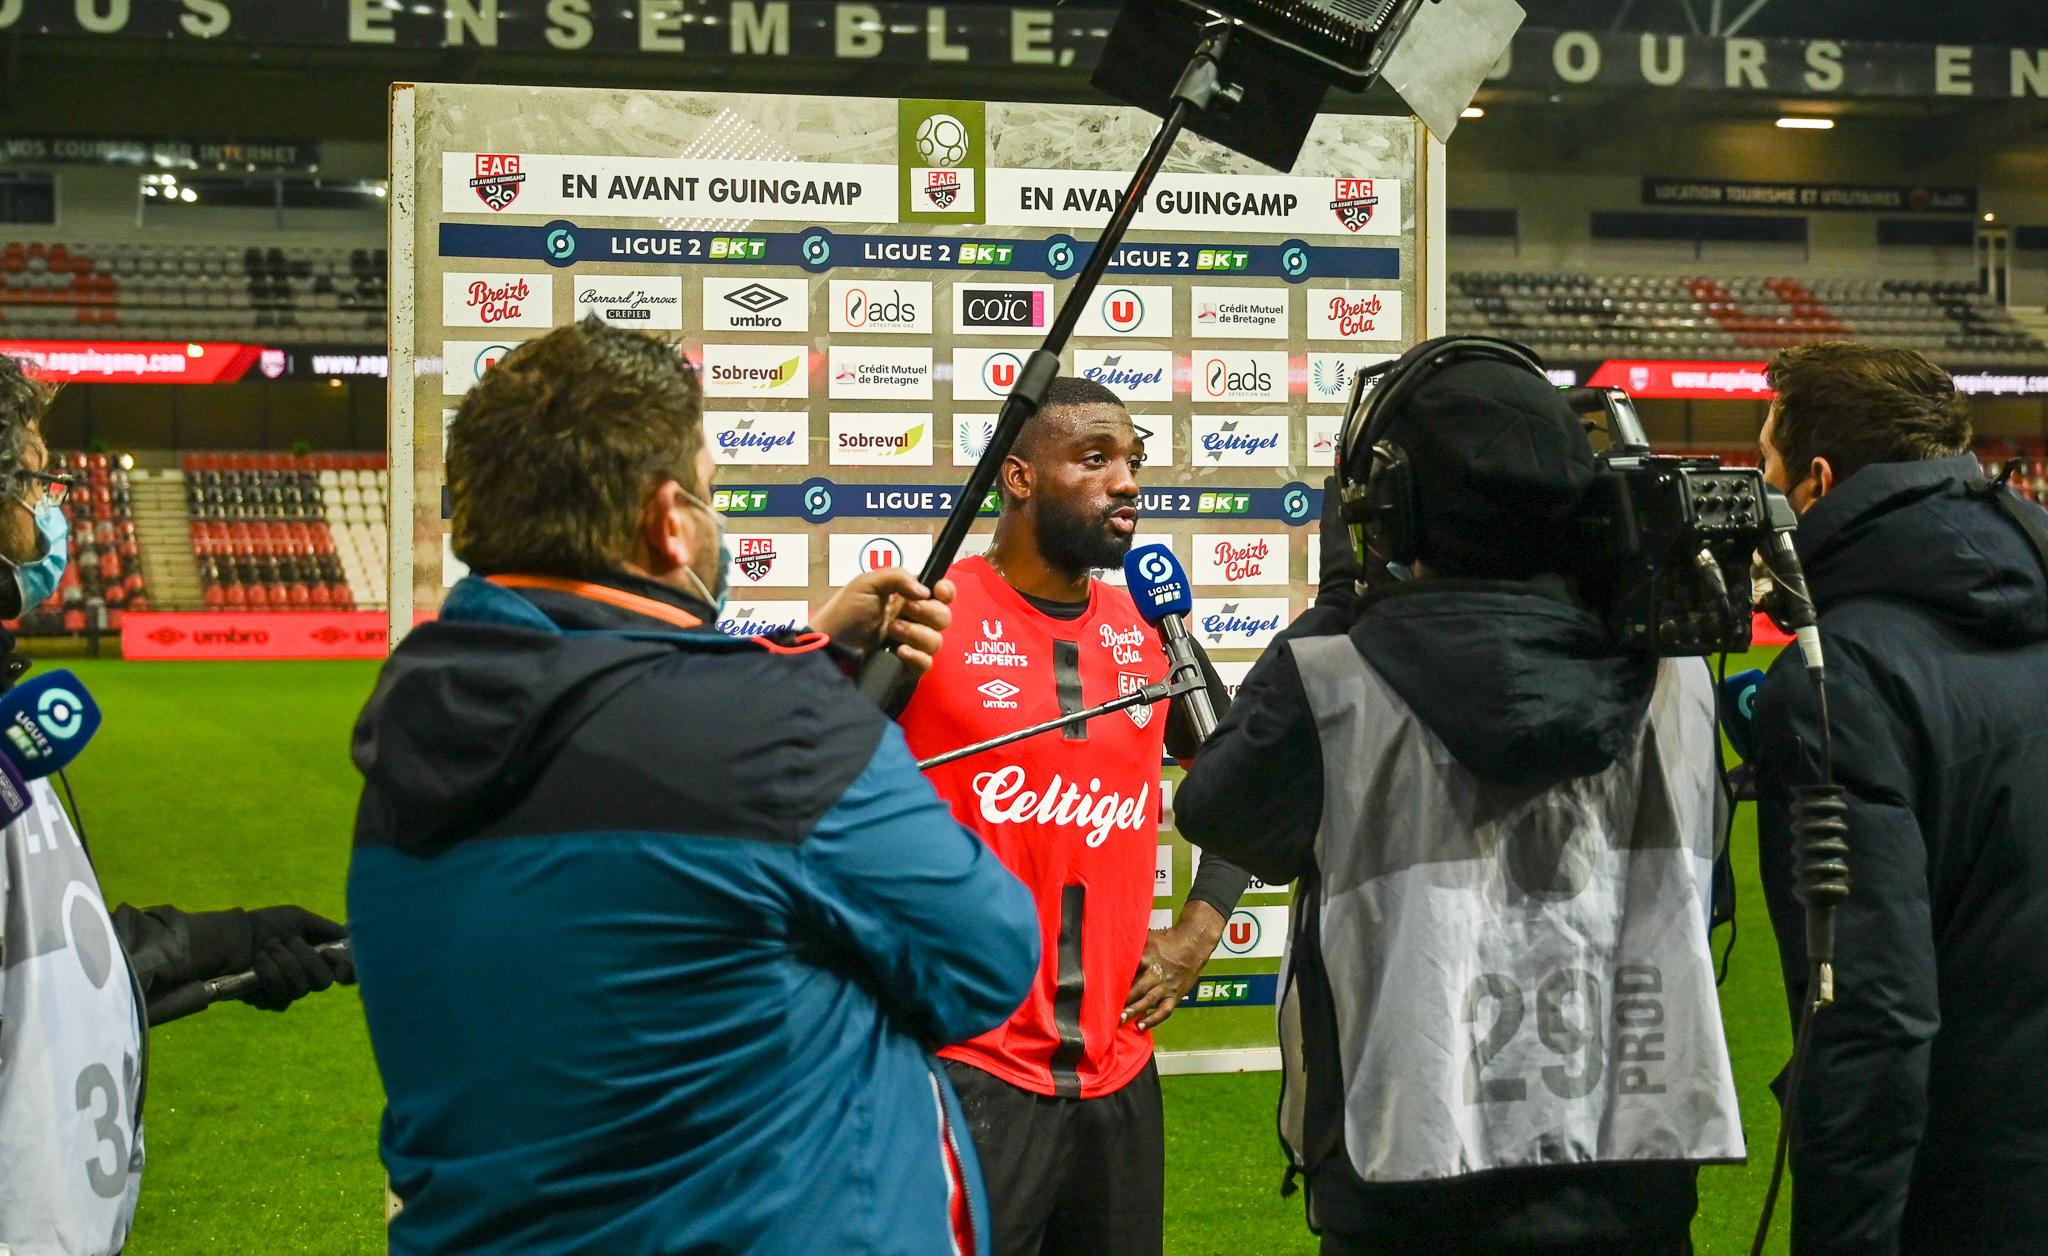 22 EA Guingamp SM Caen 2-2 Ligue 2 BKT Journée 26 2020-21 22 02 2021 EAGSMC